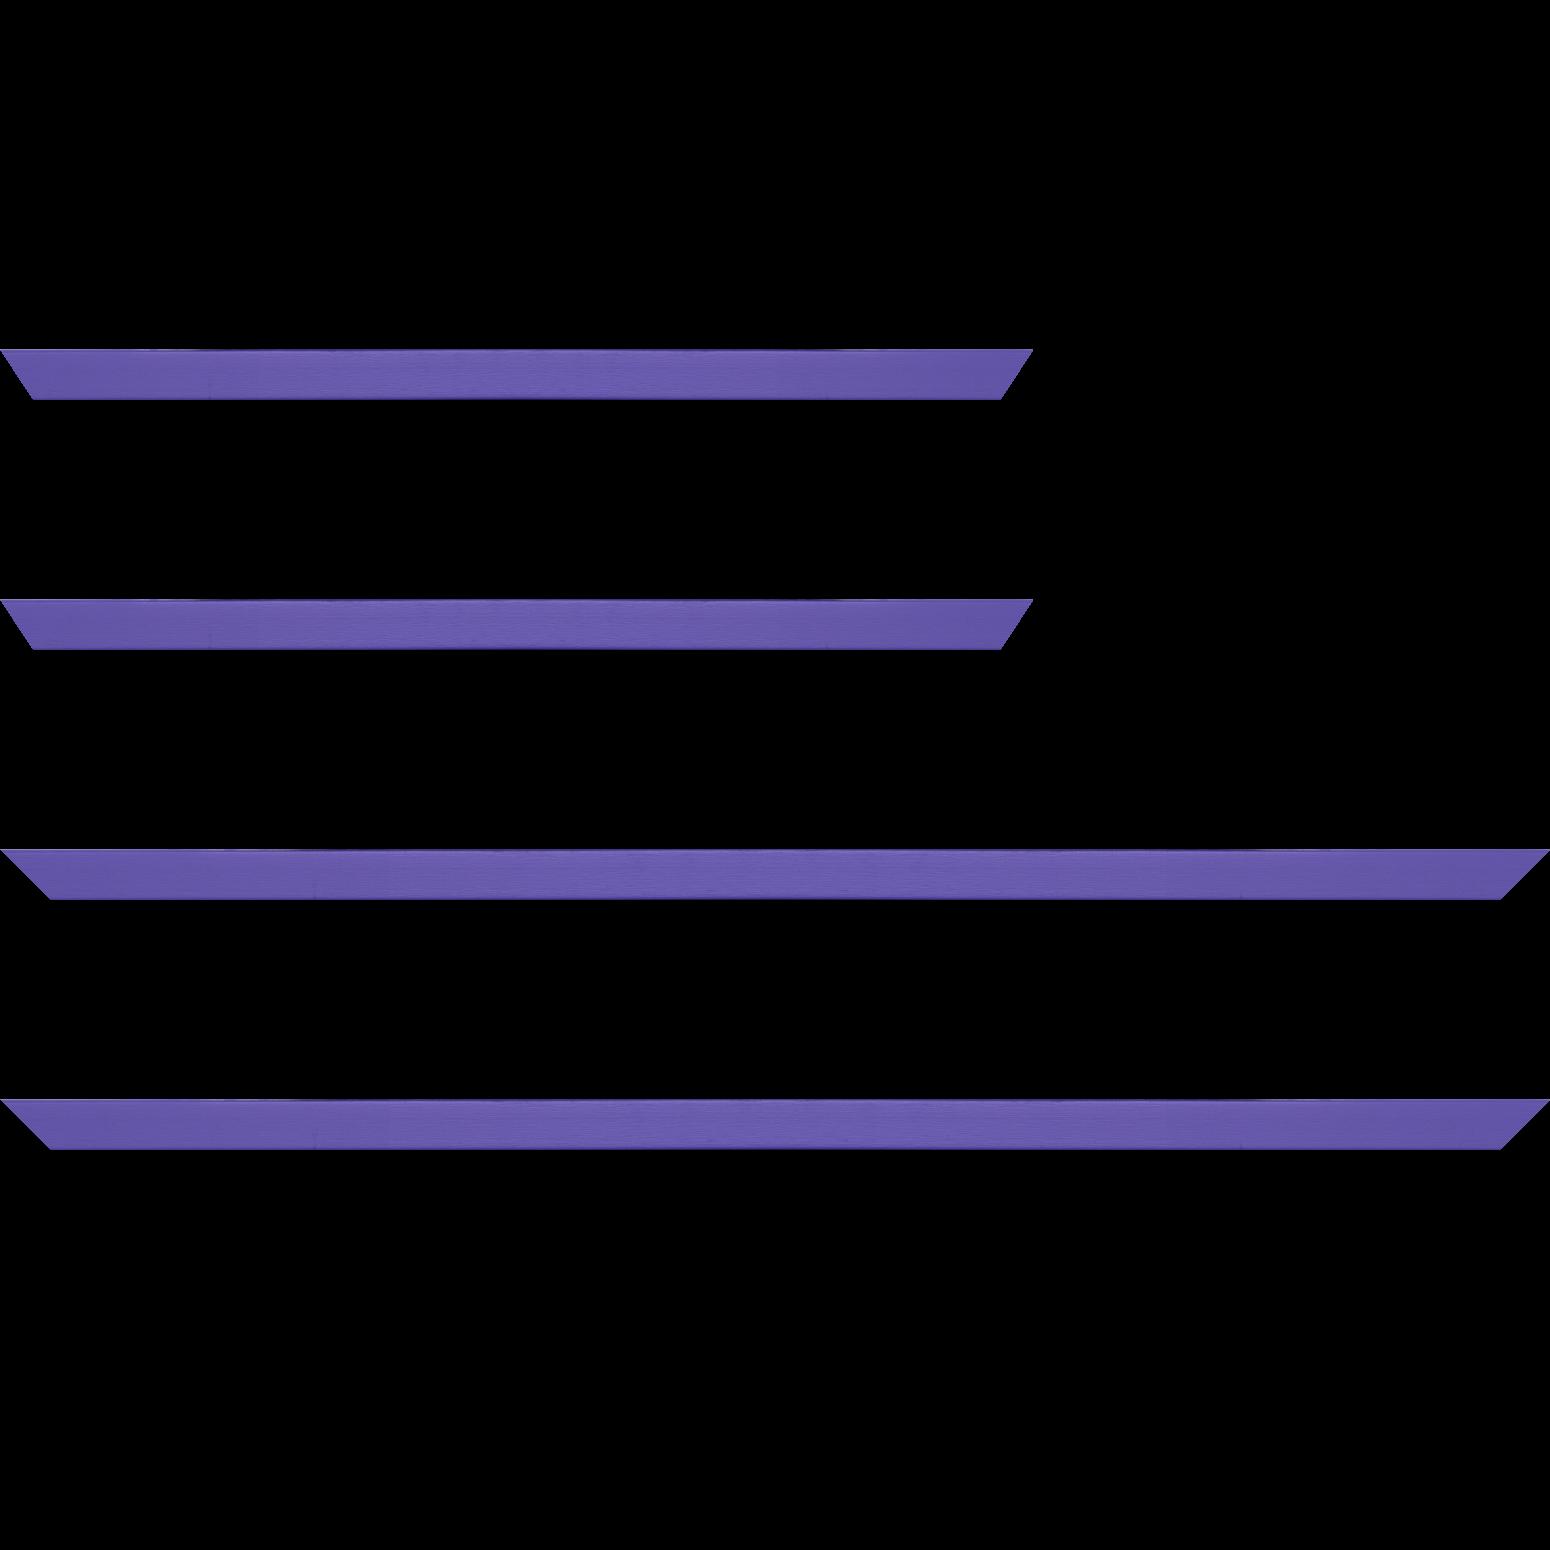 Baguette service précoupé Bois profil plat effet cube largeur 1.7cm couleur bleu violet satiné